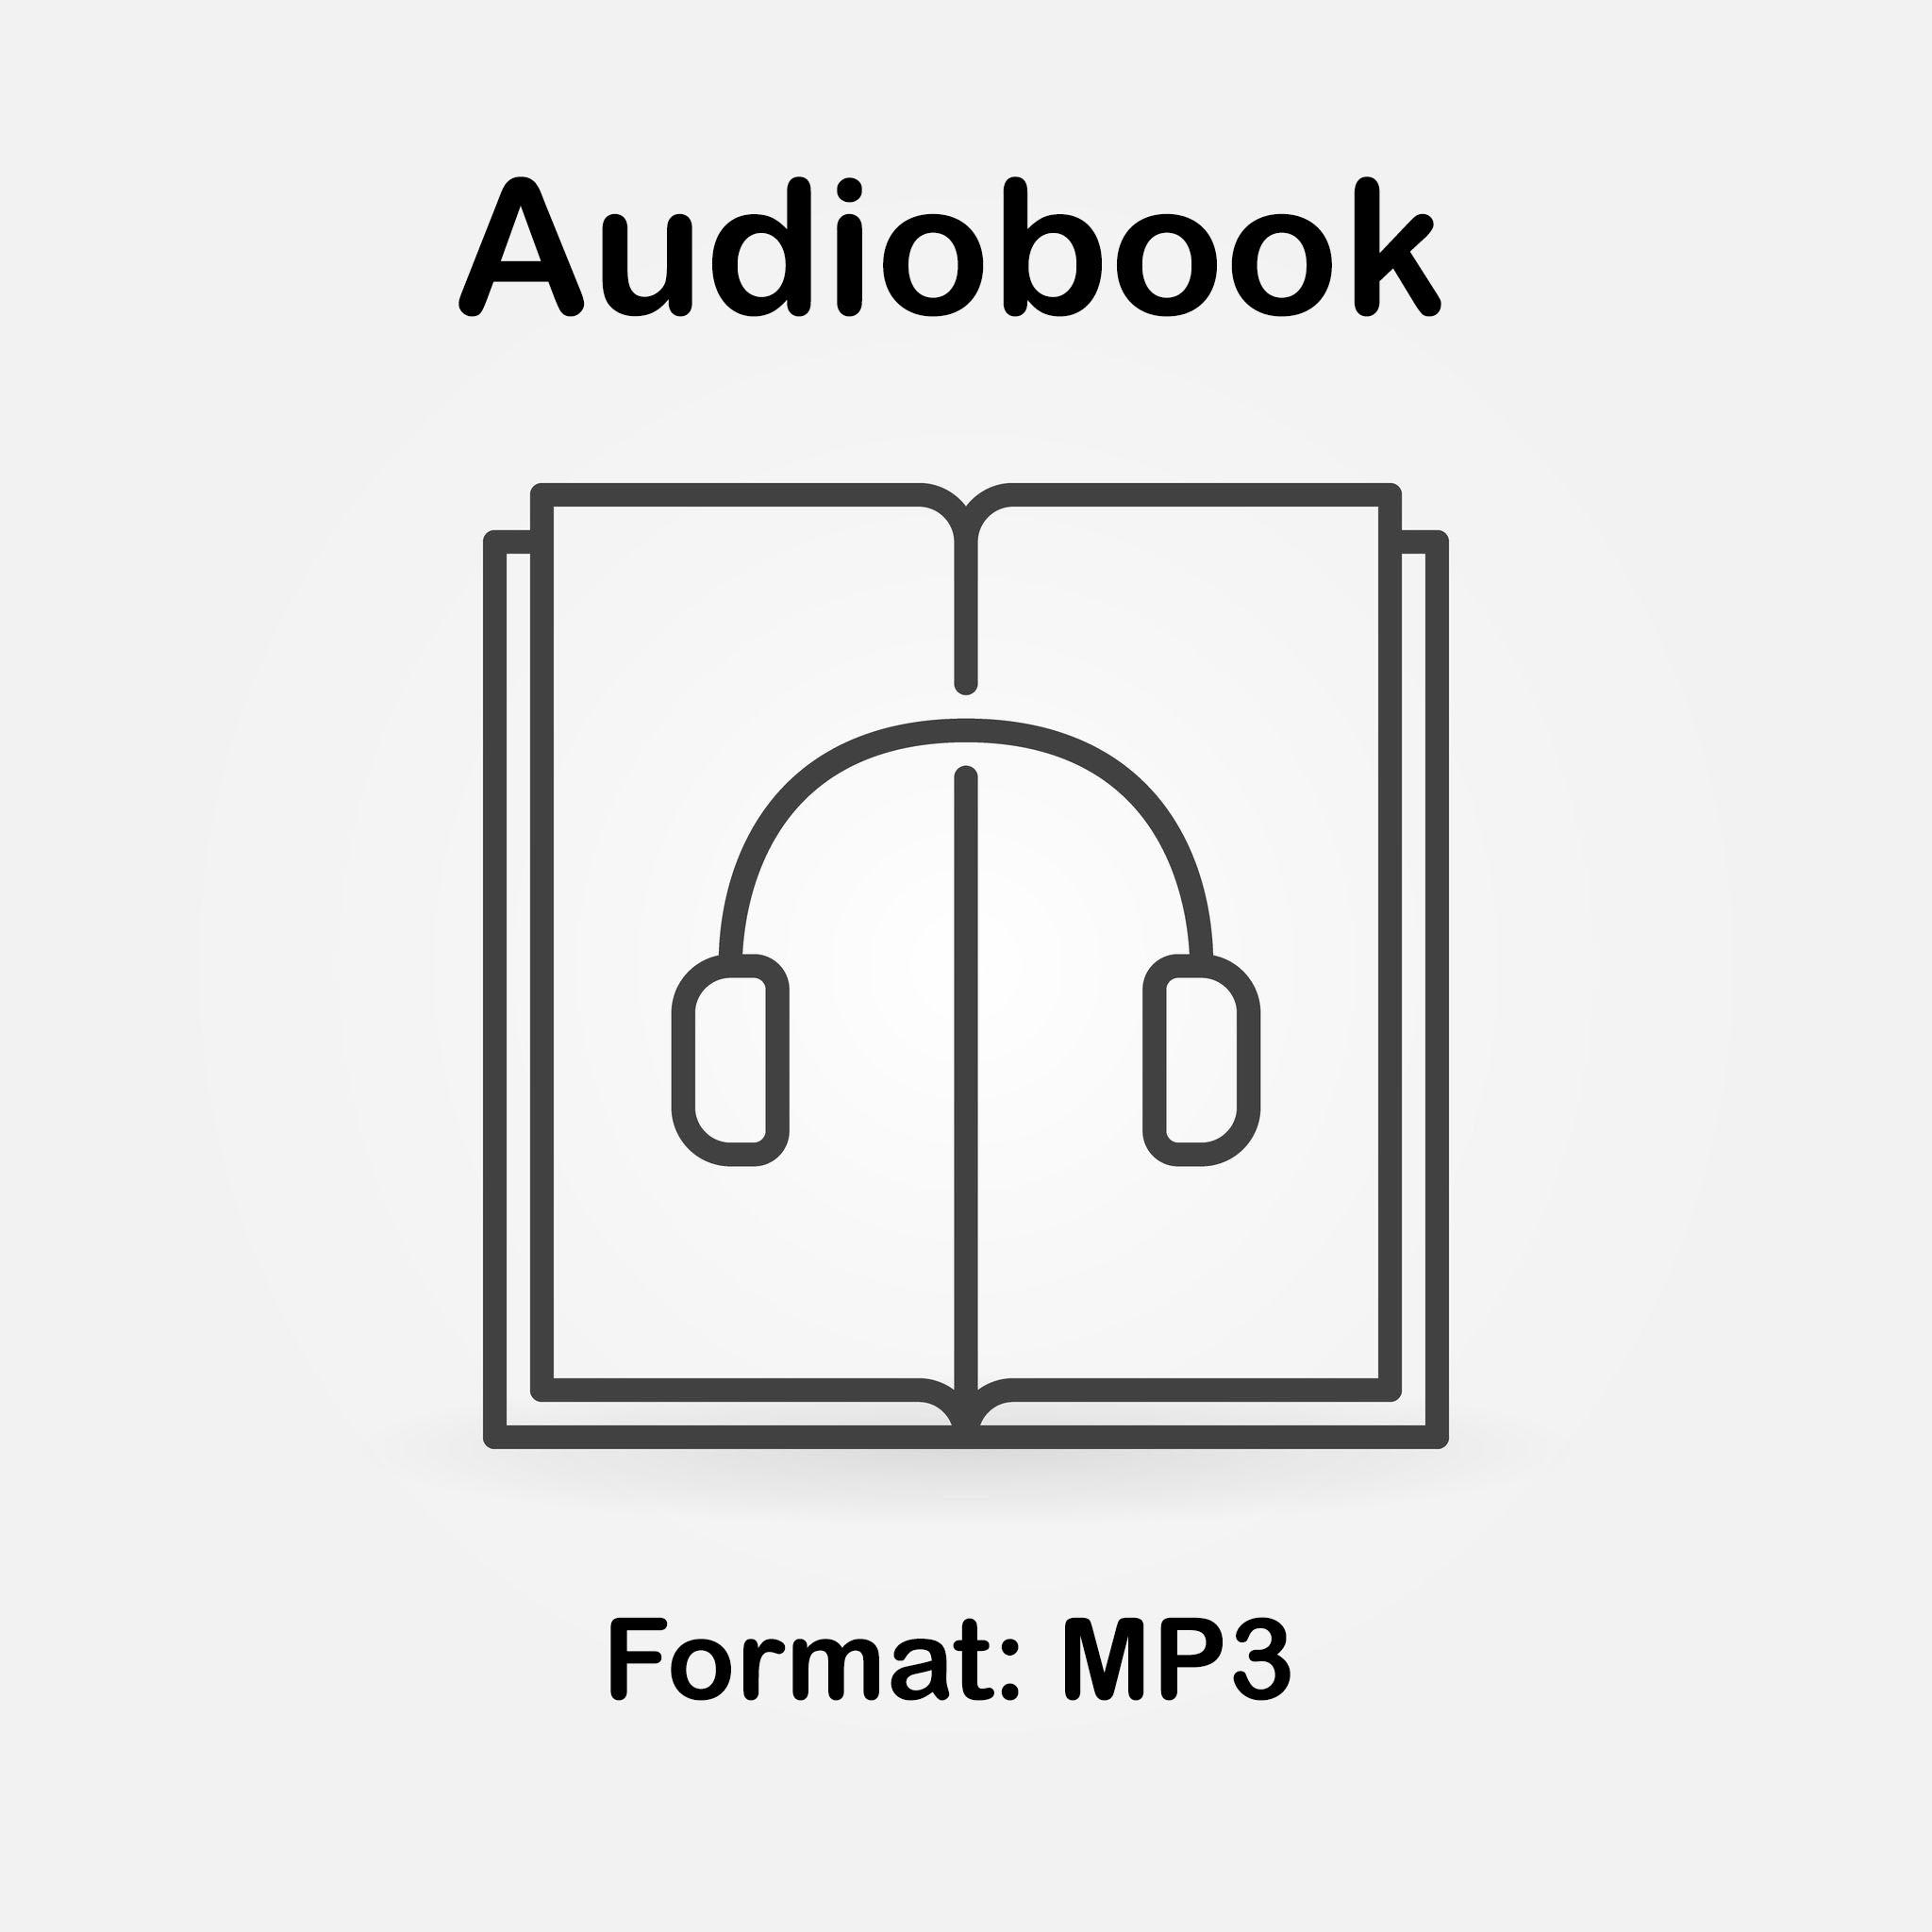 Bonus Audiobook Details